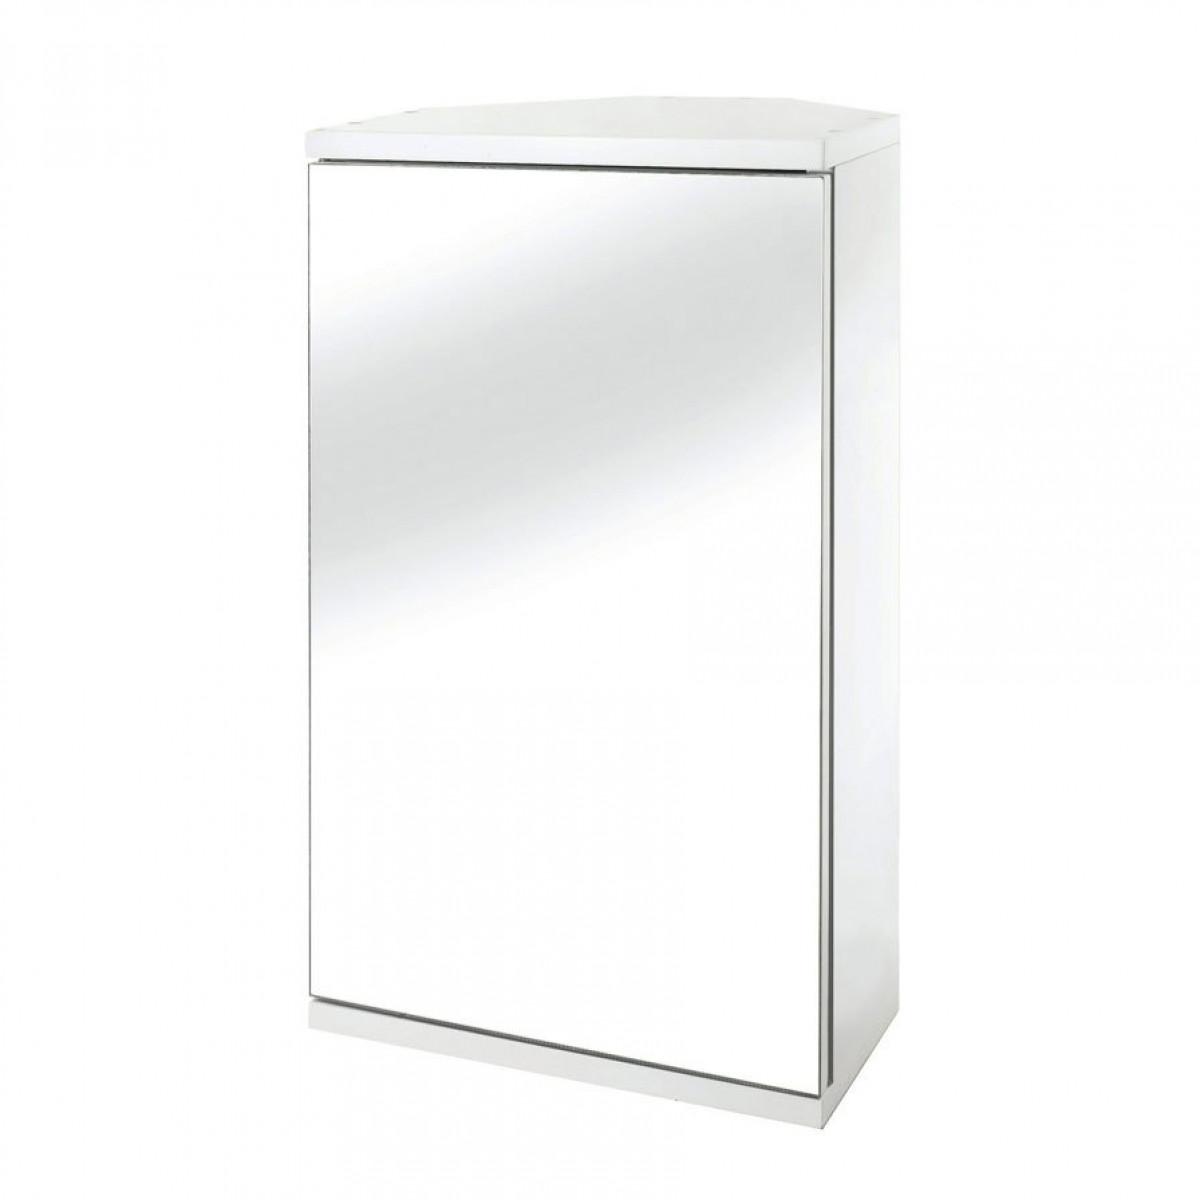 Croydex Simplicity Single Door Bathroom Cabinet Wc257222